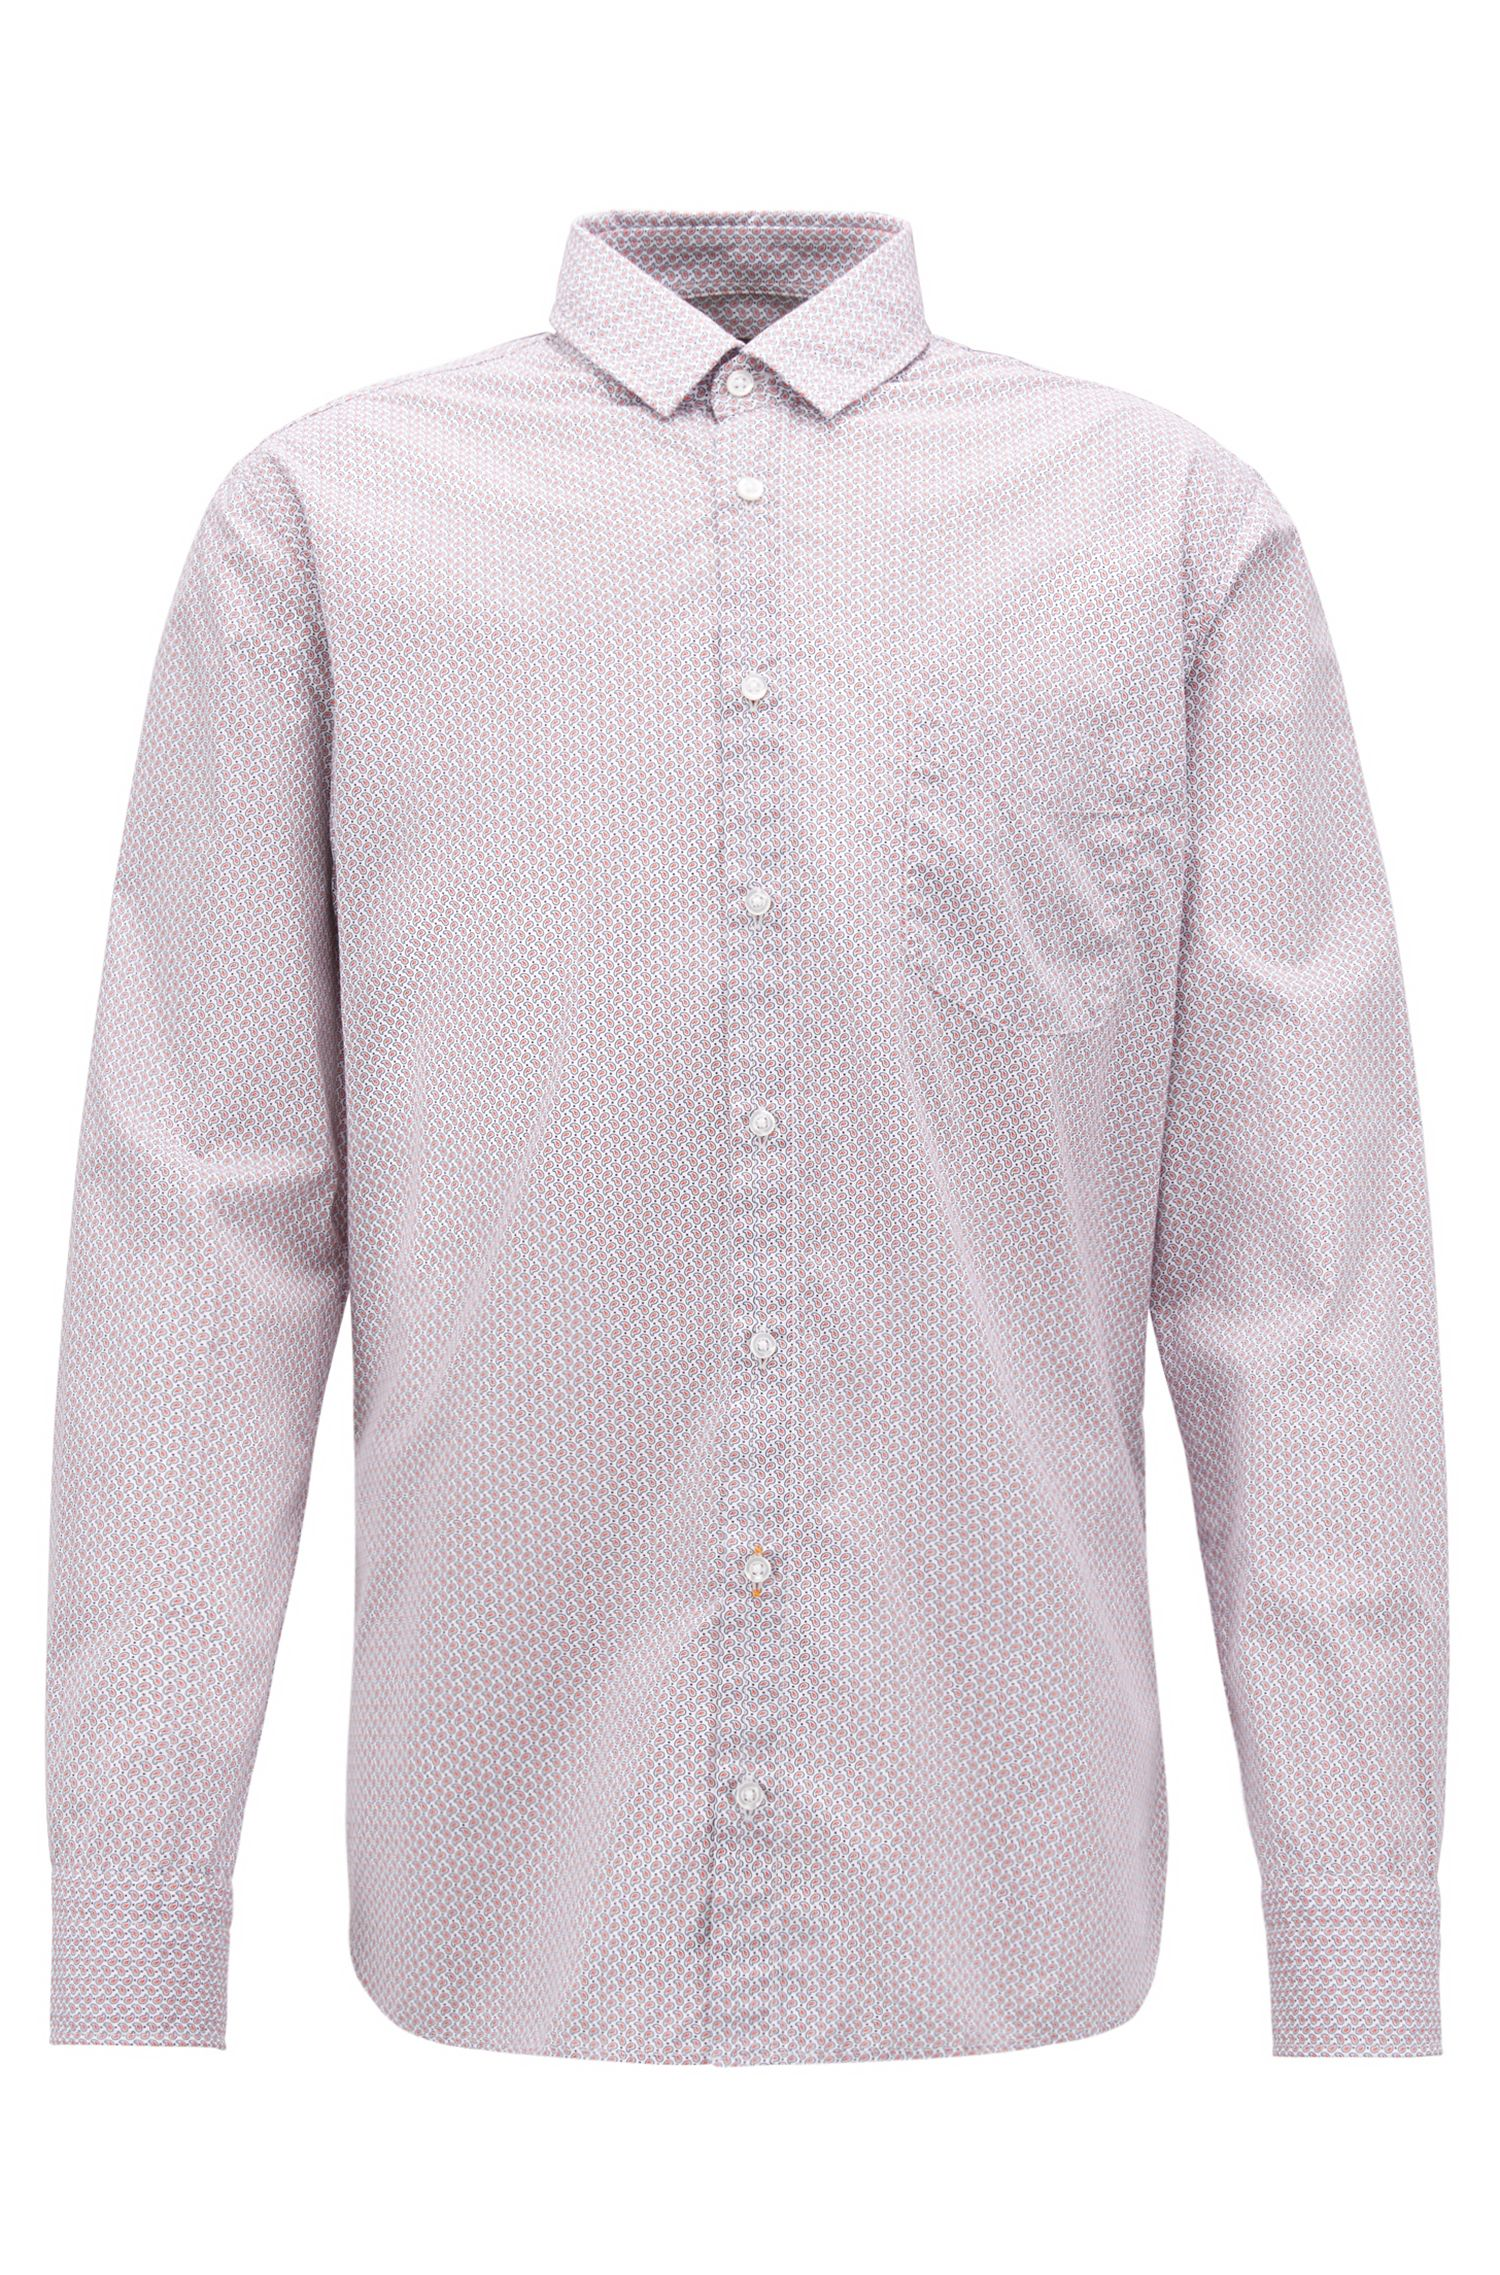 Chemise Slim Fit en coton à miniimprimé géométrique, Rose clair